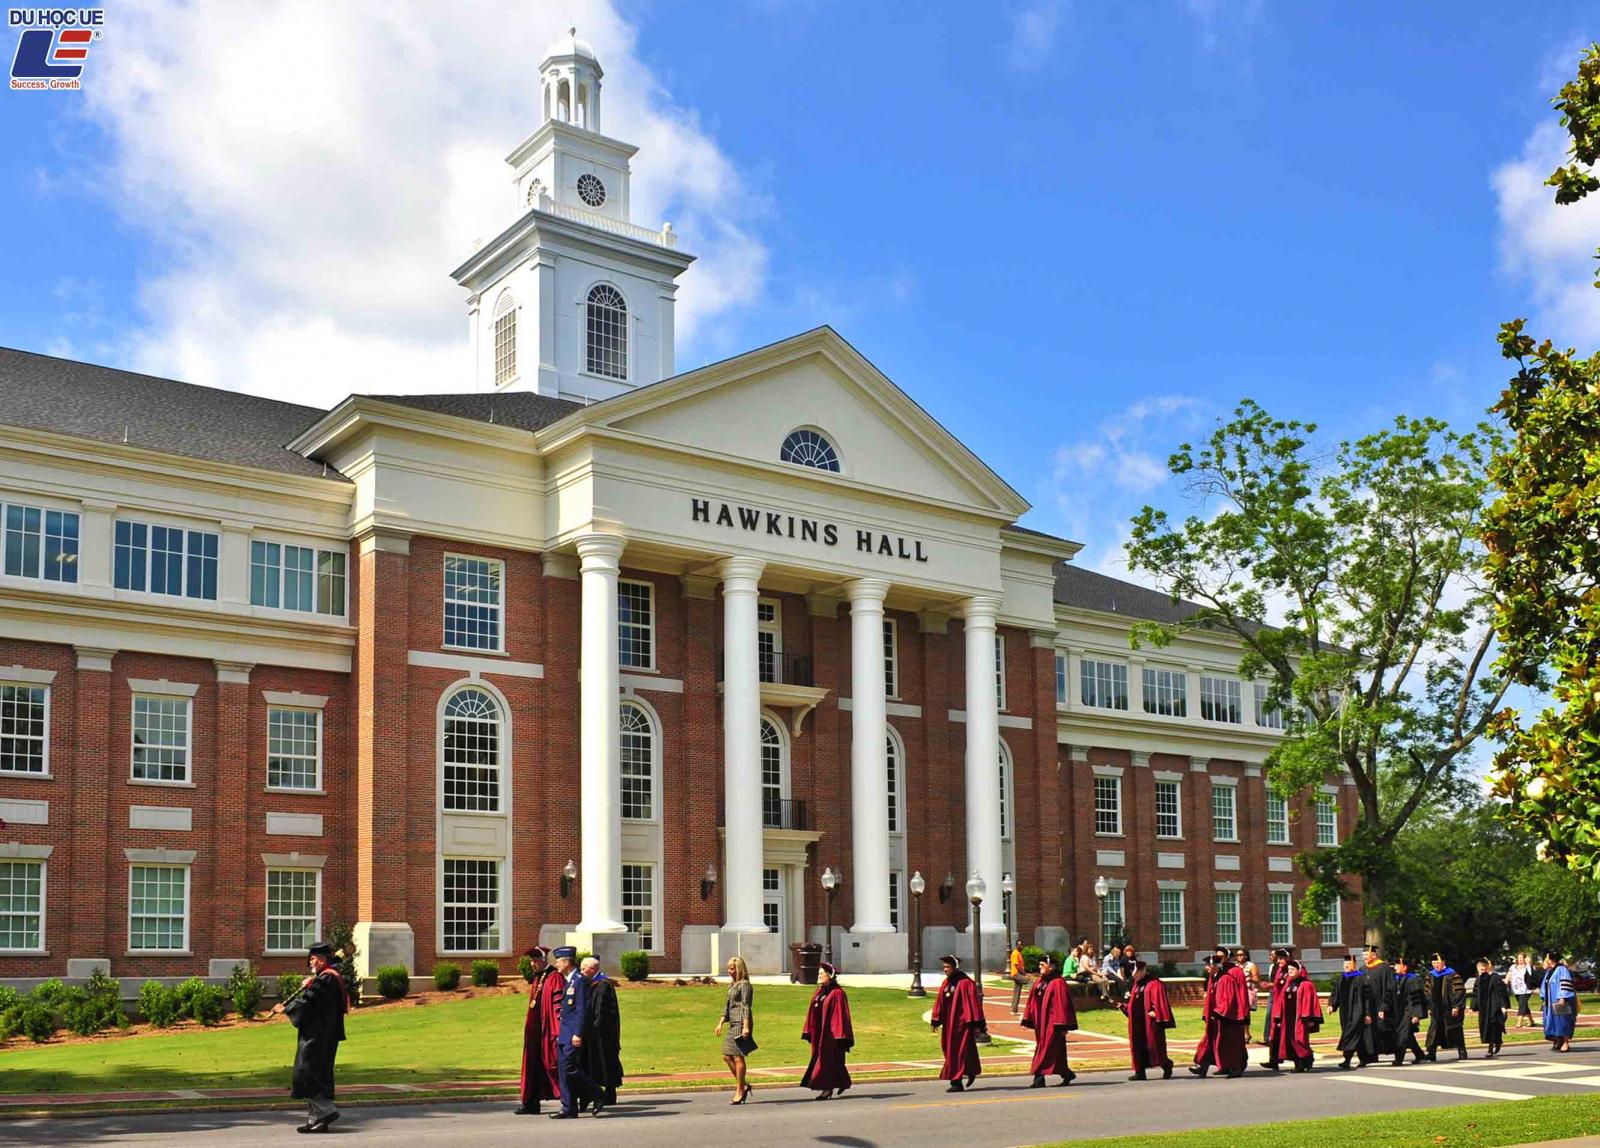 Troy University - Điểm bắt đầu của hành trình chạm đến ước mơ 2